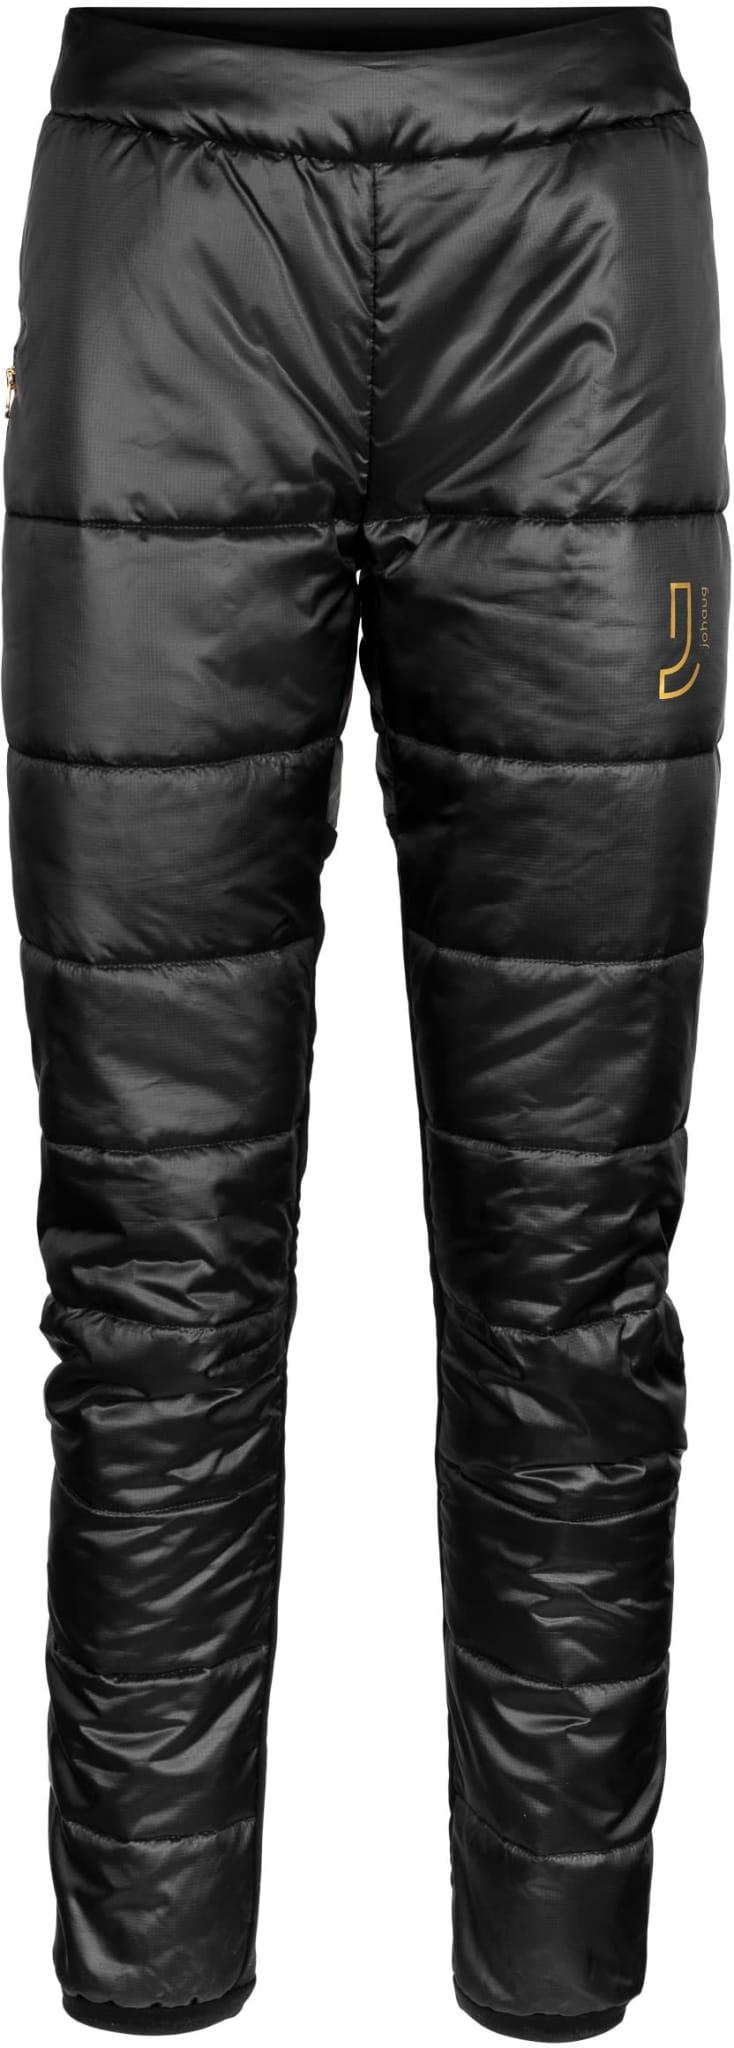 Varm og superbehagelig Primaloft® Gold-bukse